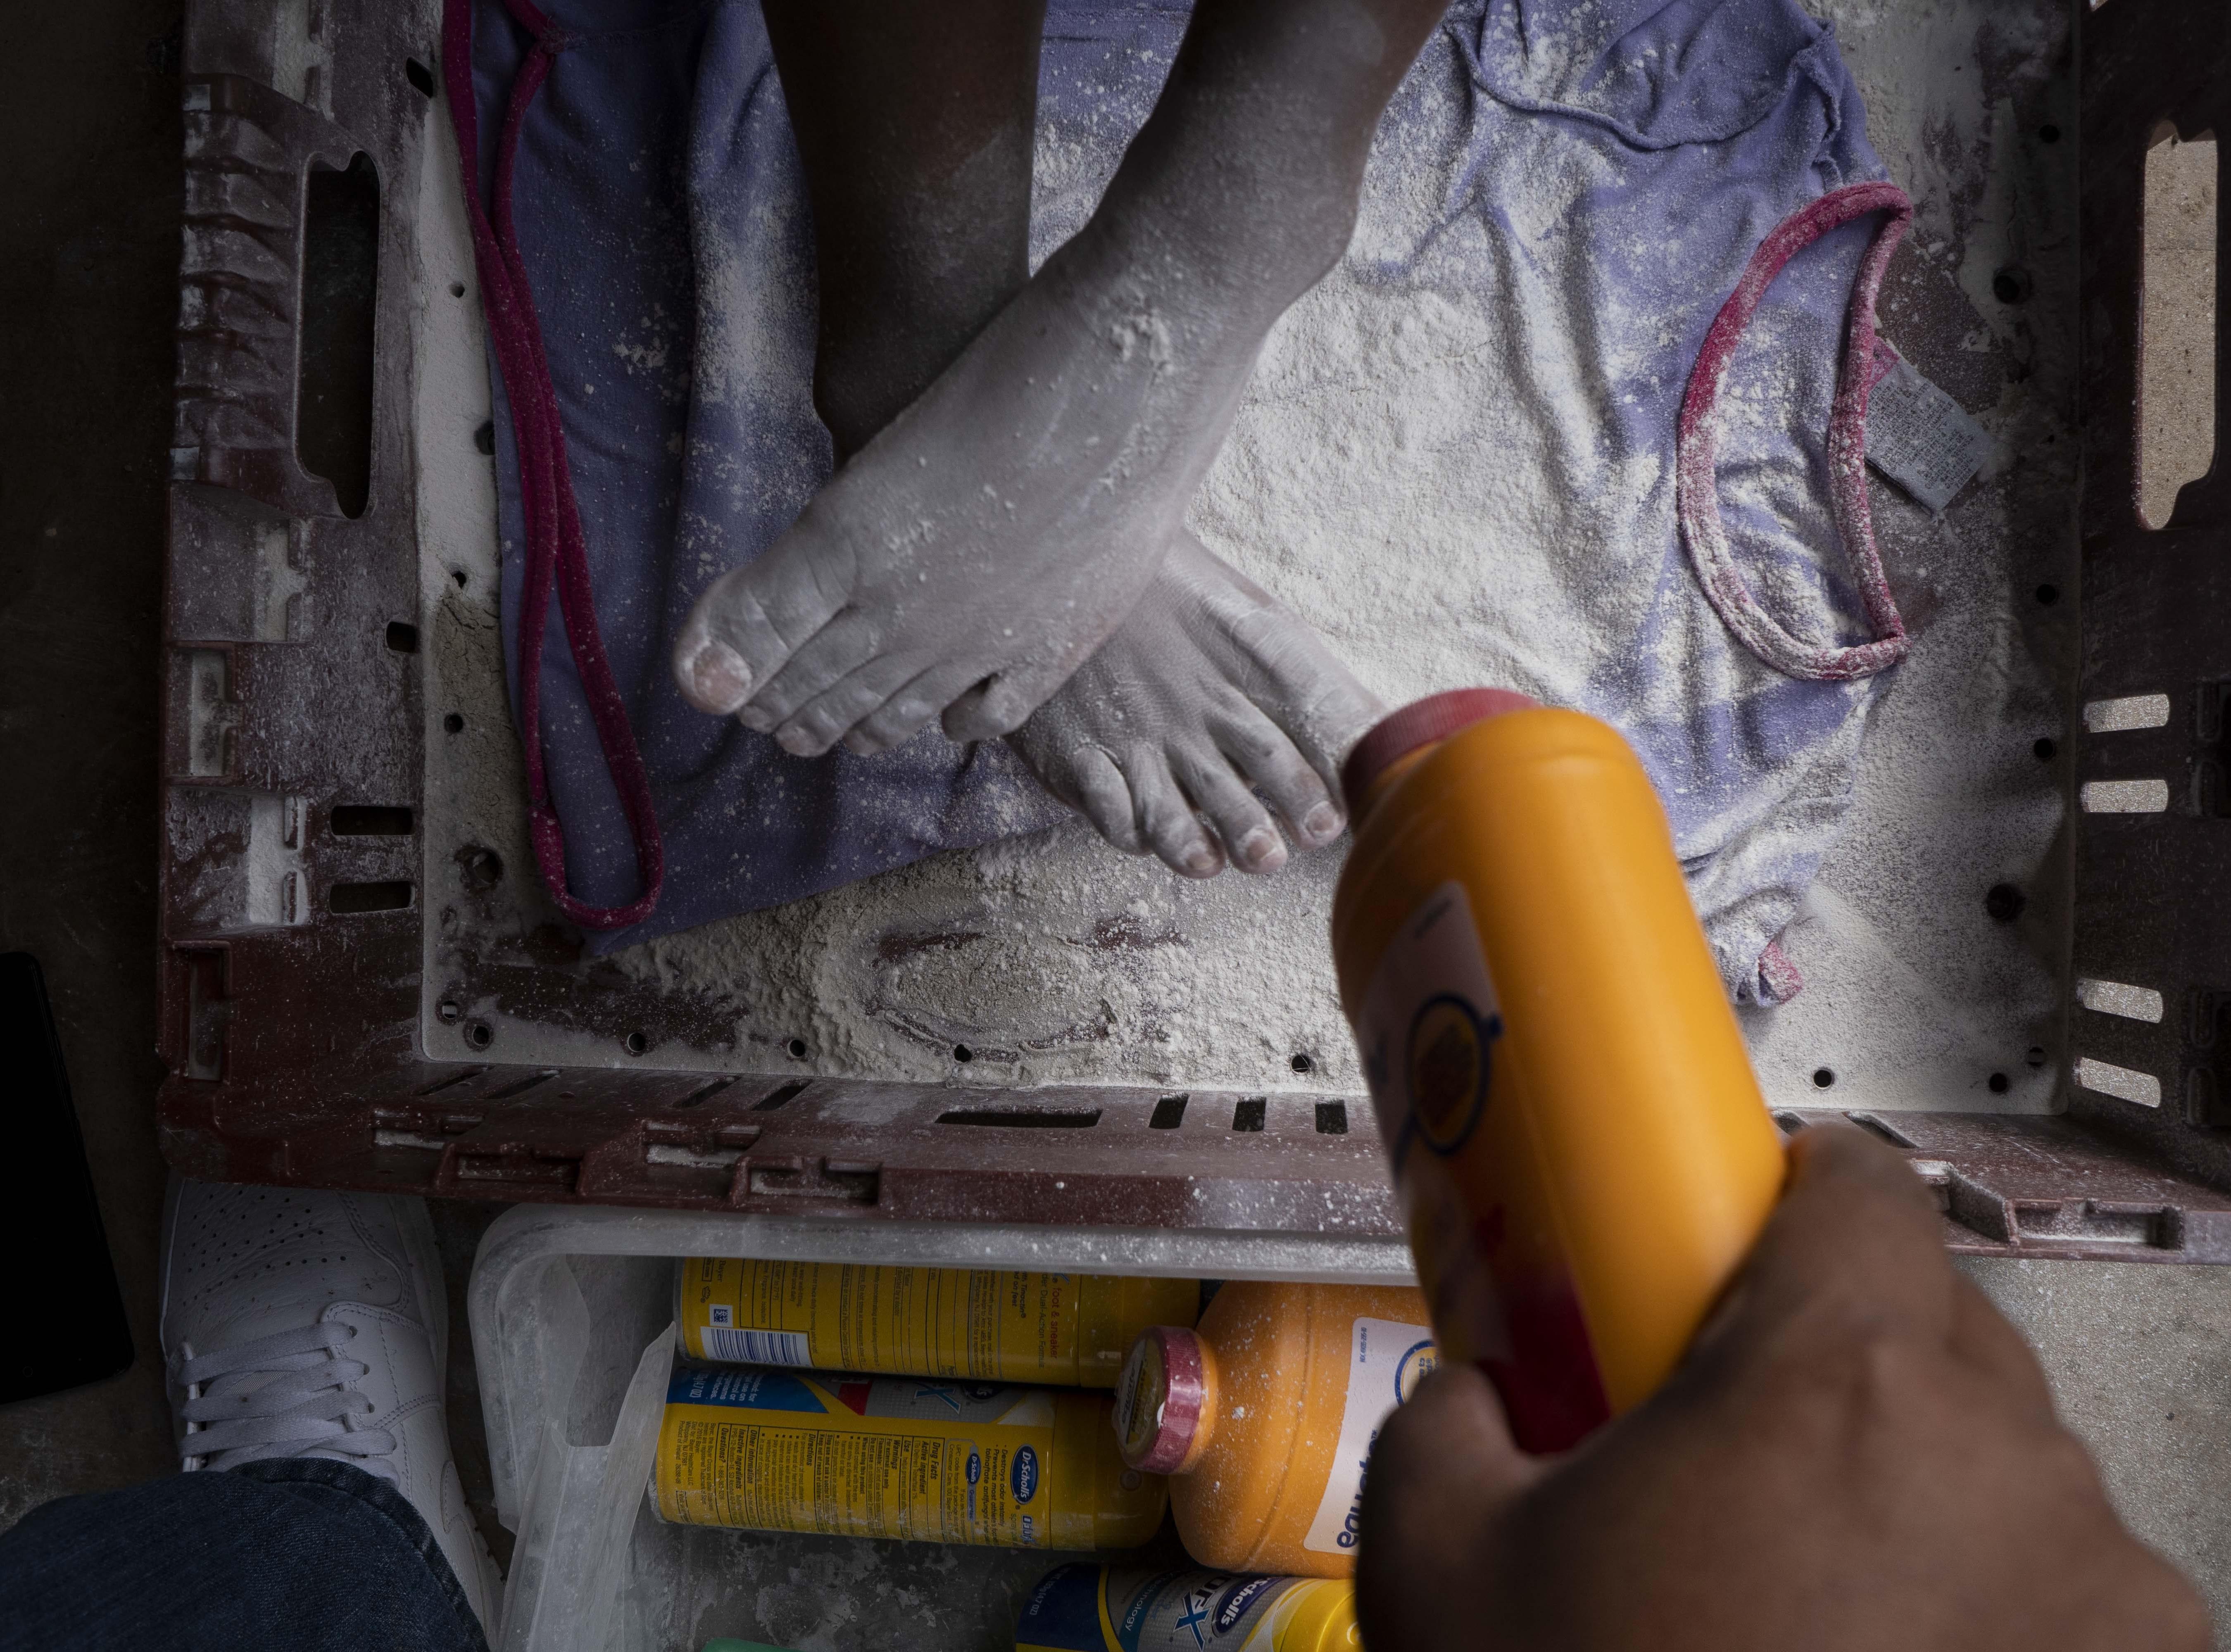 Church volunteers help migrants clean their feet.